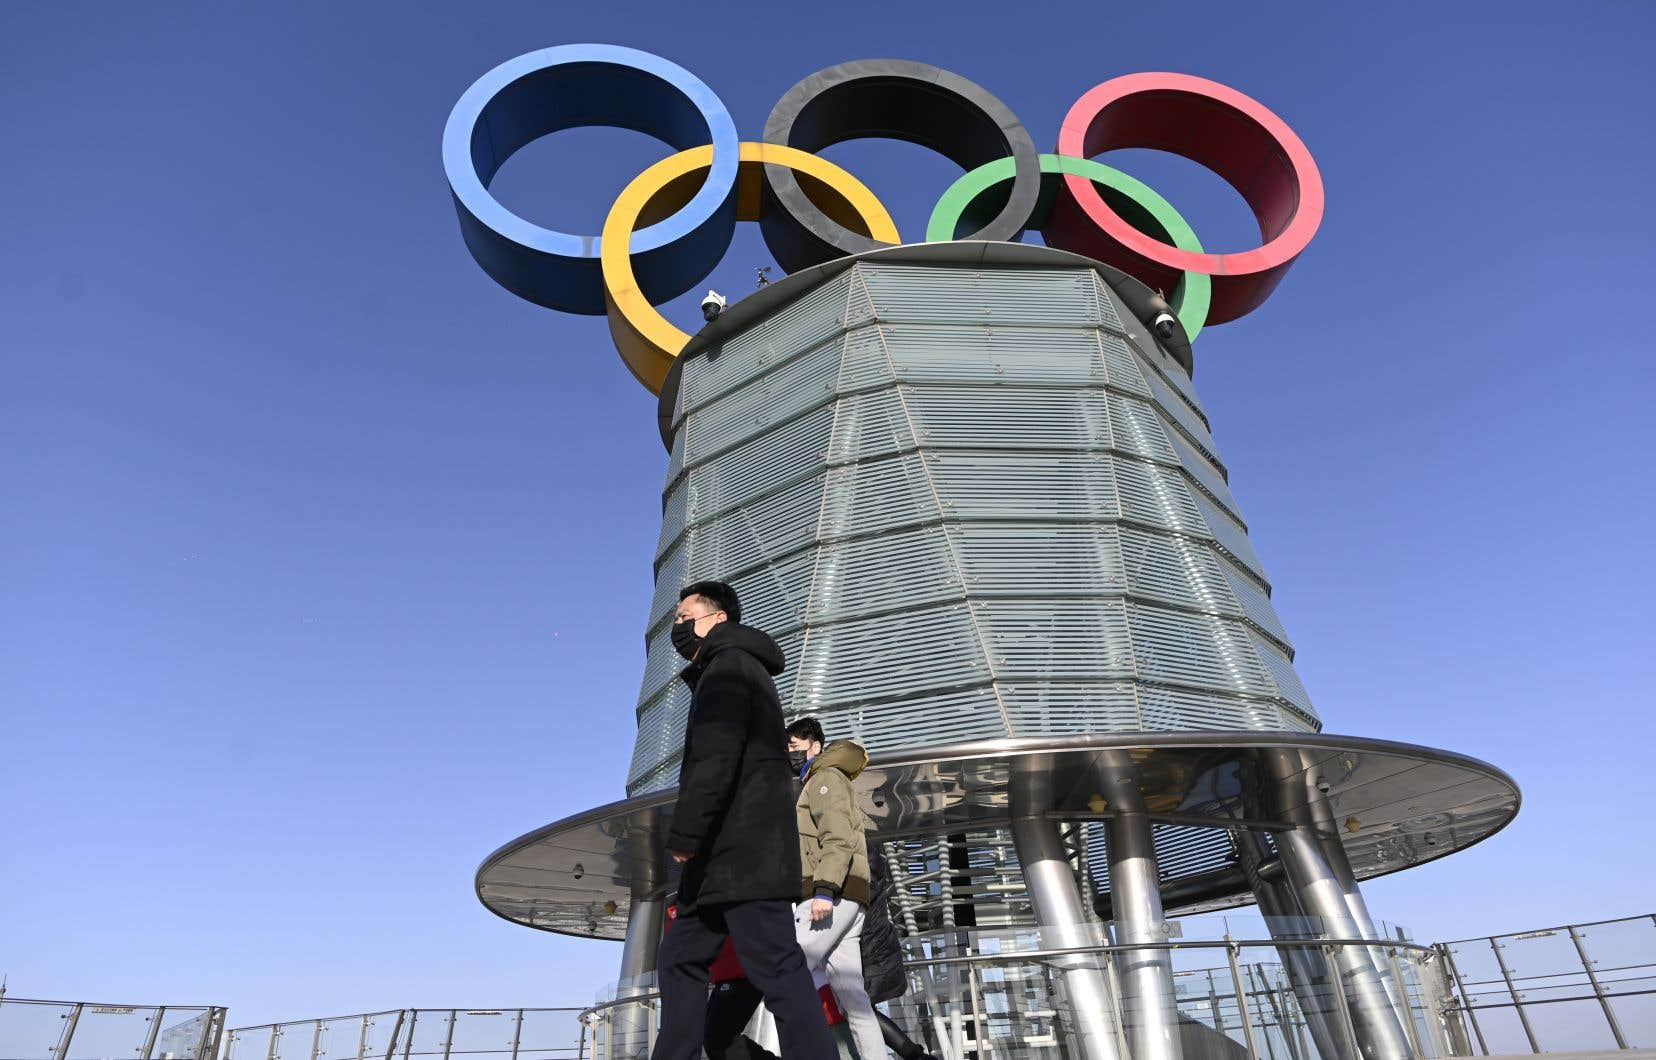 Le Montréalais Dick Pound, l'un des plus influents membres du Comité international olympique, a déclaré au Globe and Mail que le Canada devrait résister à un appel au boycott des Jeux olympiques de 2022.